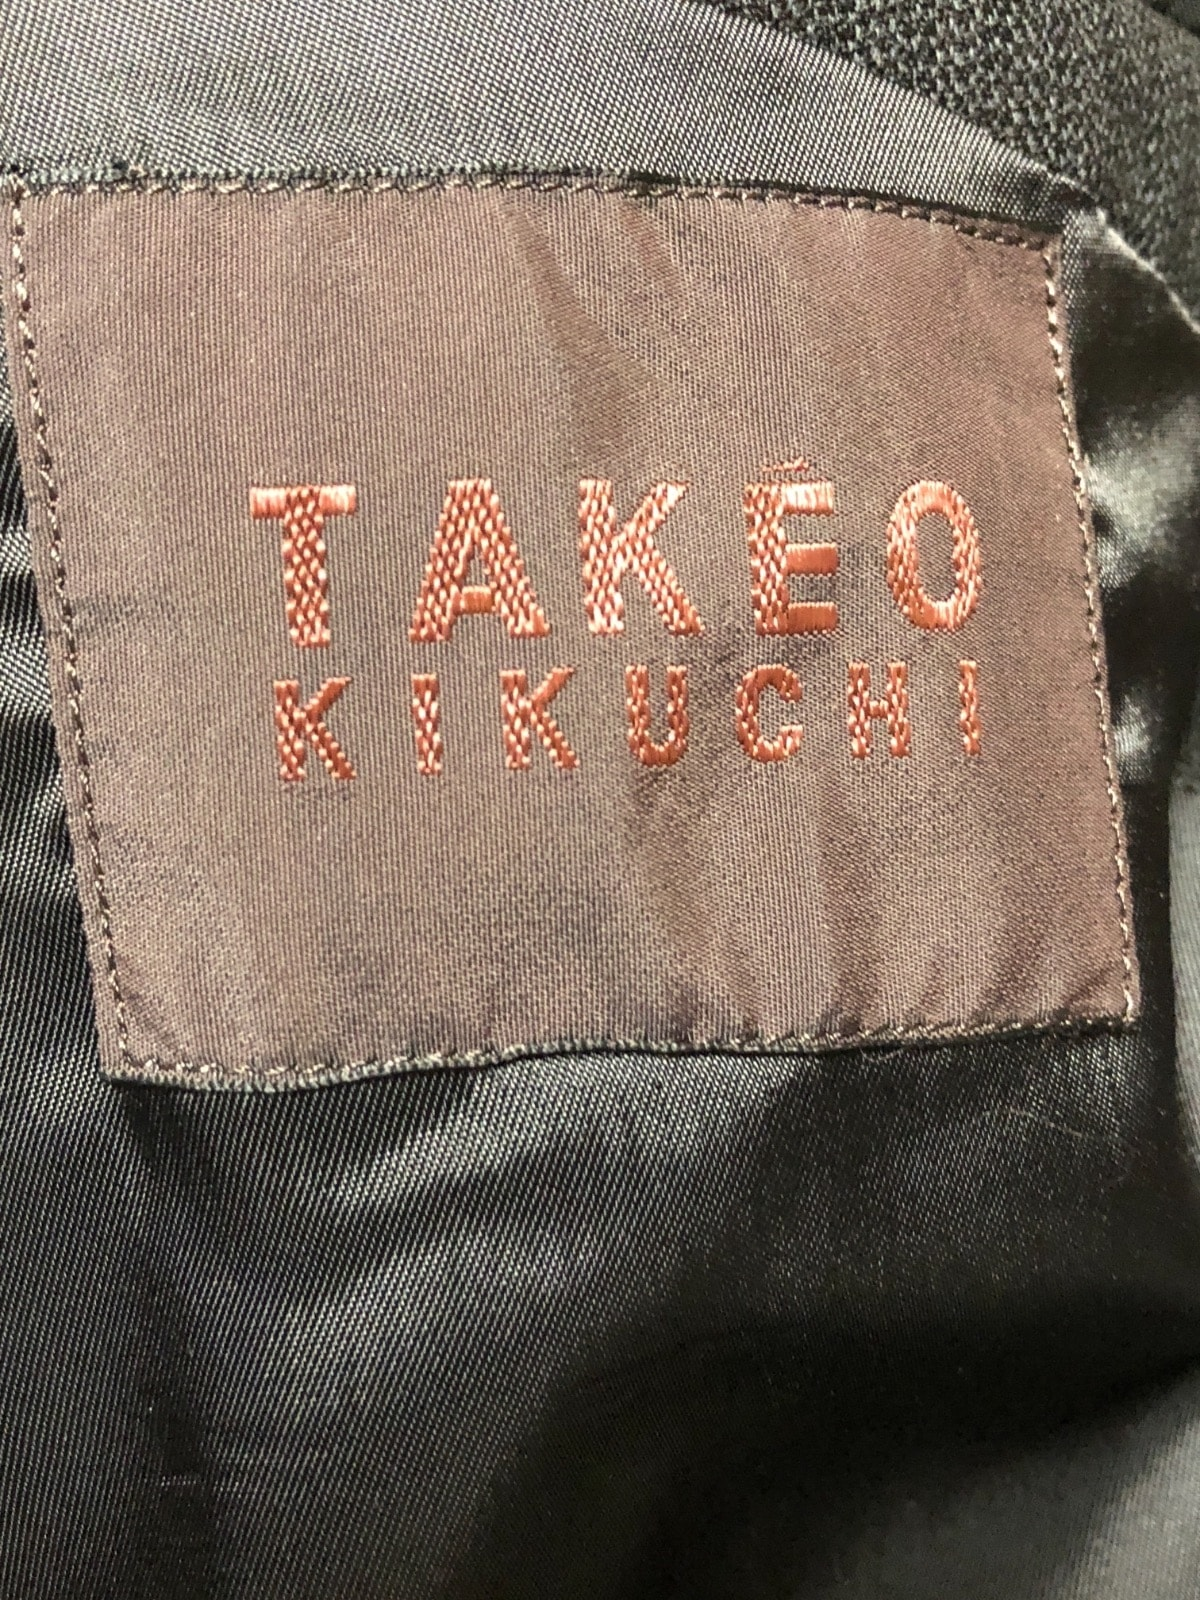 TAKEOKIKUCHI(タケオキクチ)のメンズセットアップ